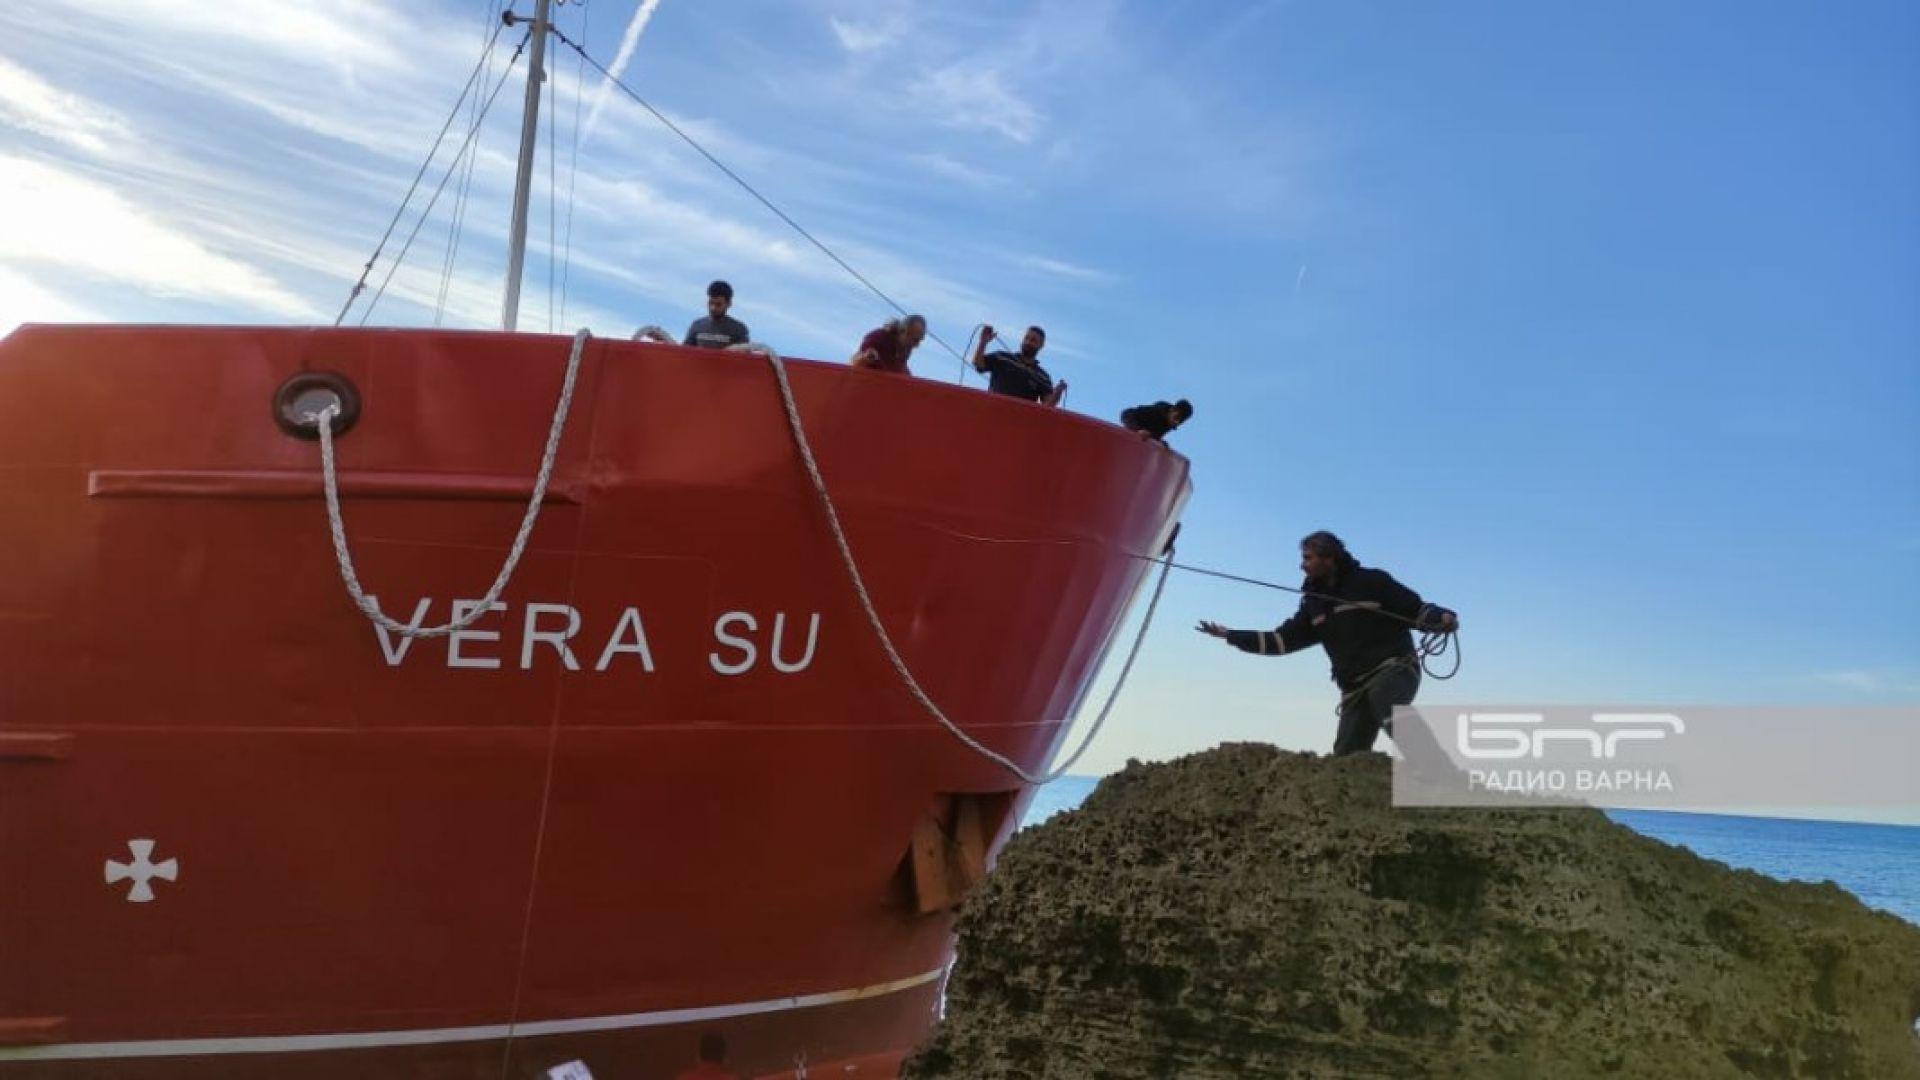 Укрепиха кораба при скалите на Камен бряг. Изтеглянето предстои (видео)